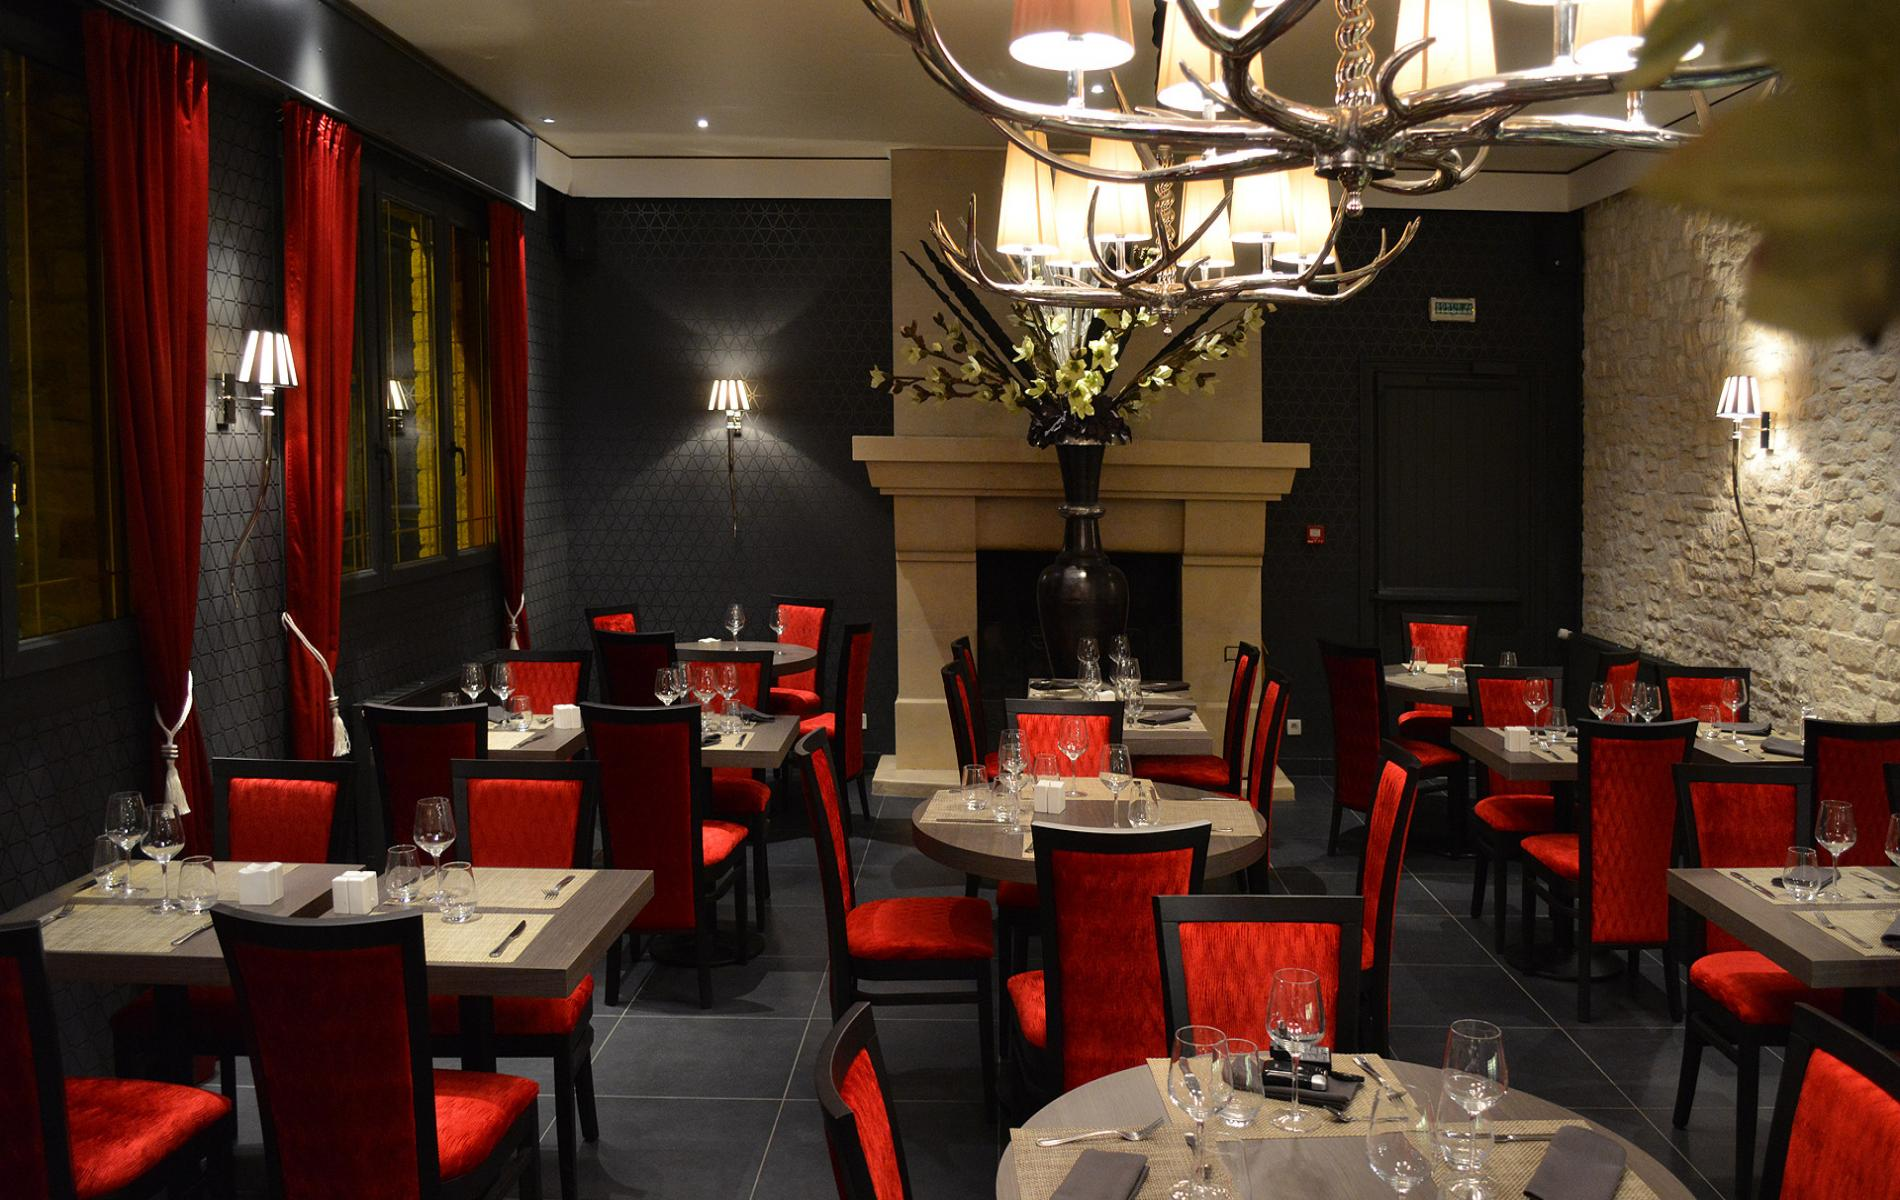 Salle de restaurant - Hôtel De La Place à Aunay Sur Odon